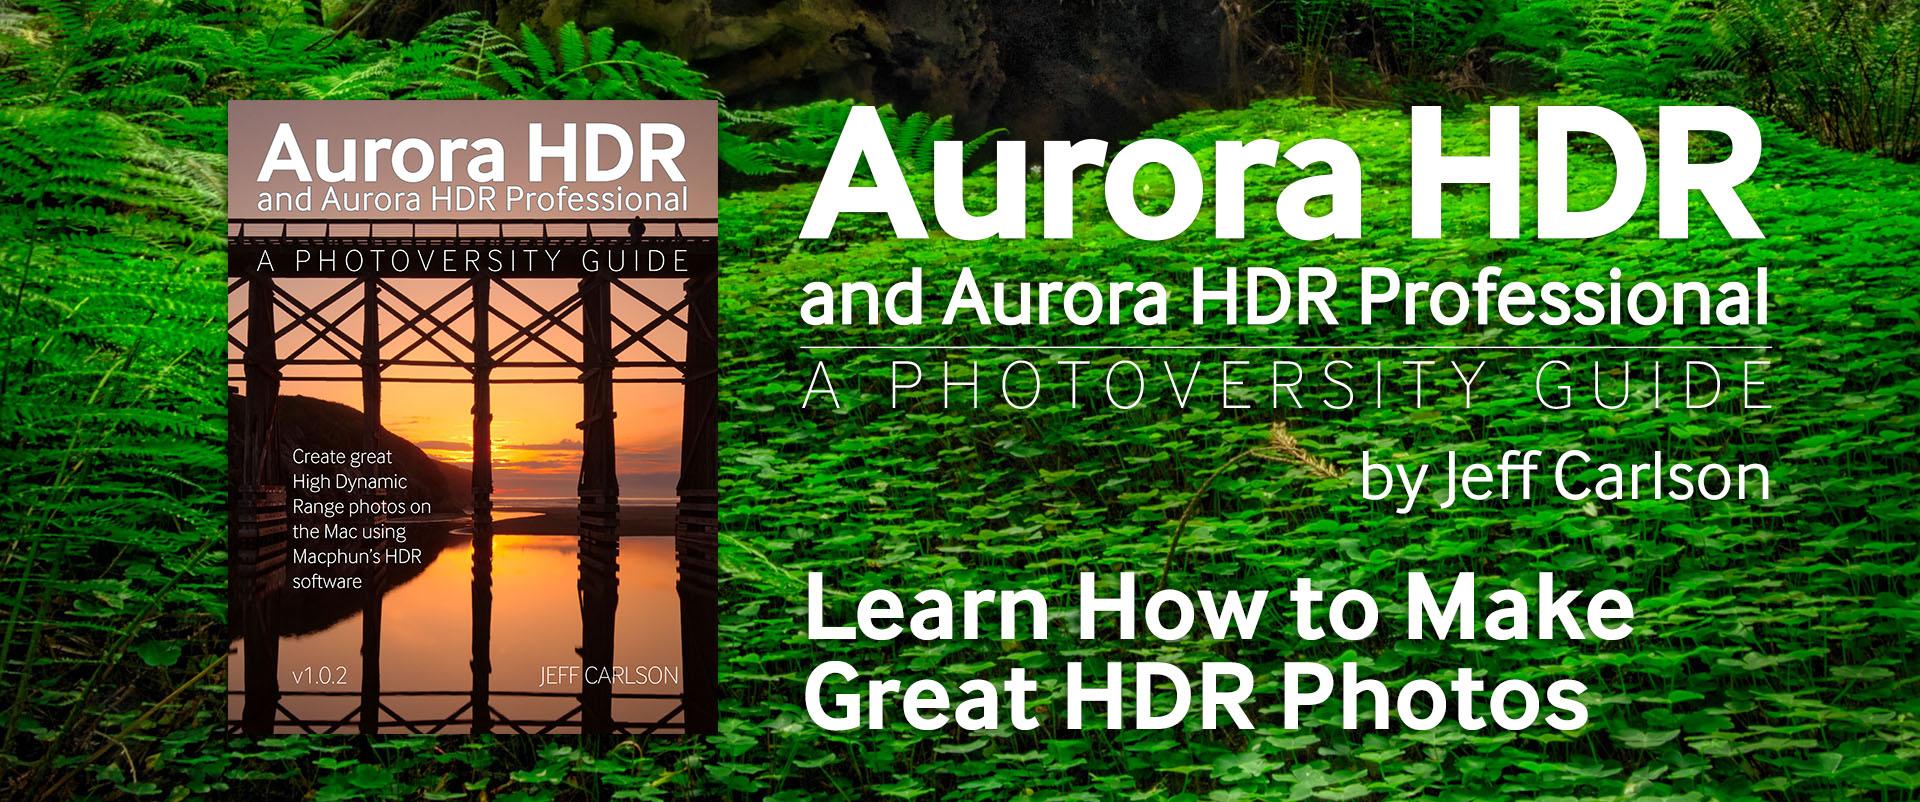 aurora_title_clover_v102.jpg